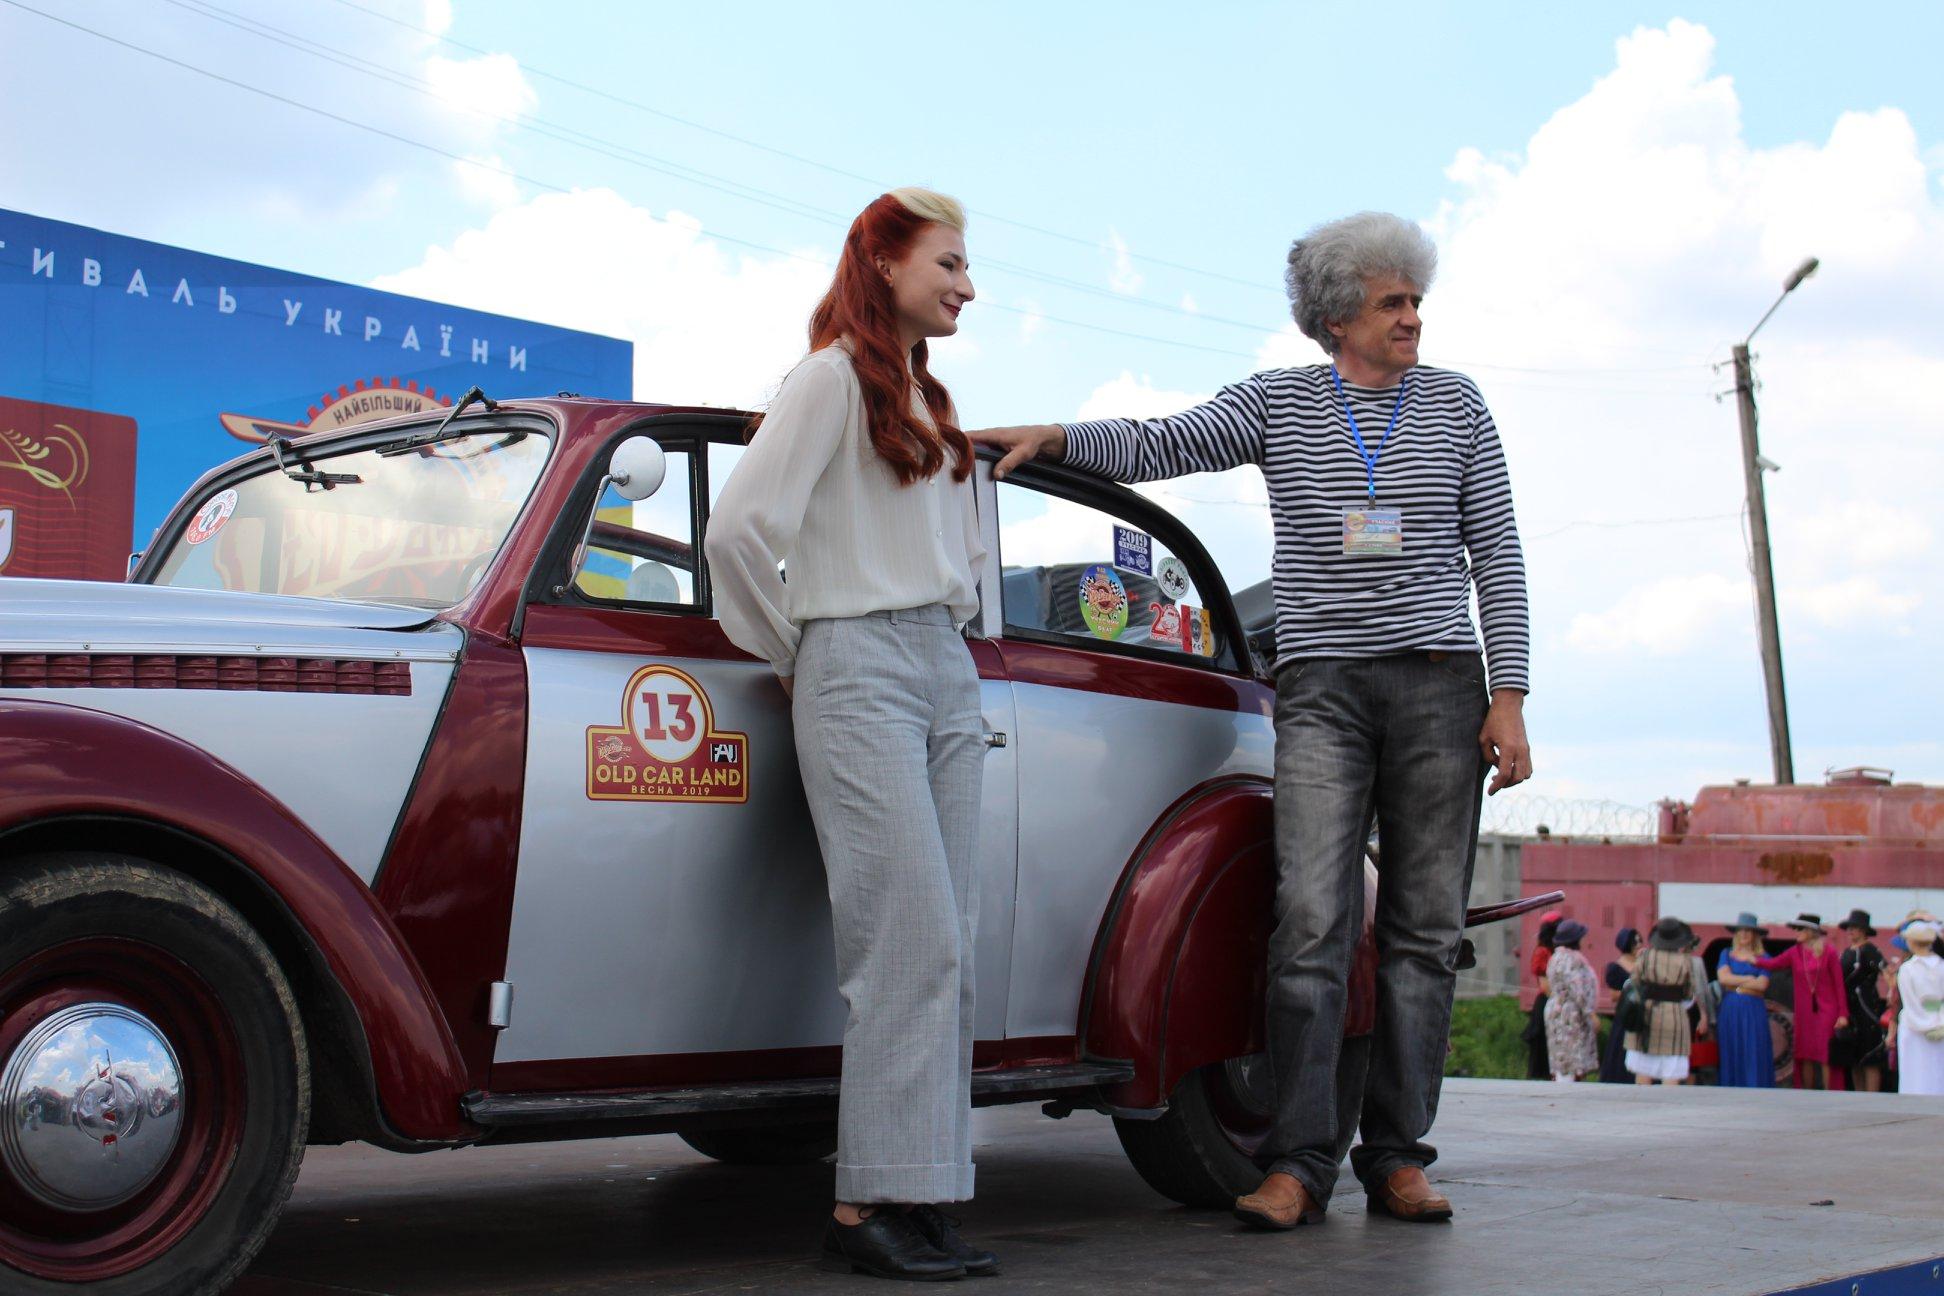 Ювілейний фестиваль ретро-автомобілів -  - 60357399 2179583988795561 2487793955769417728 o